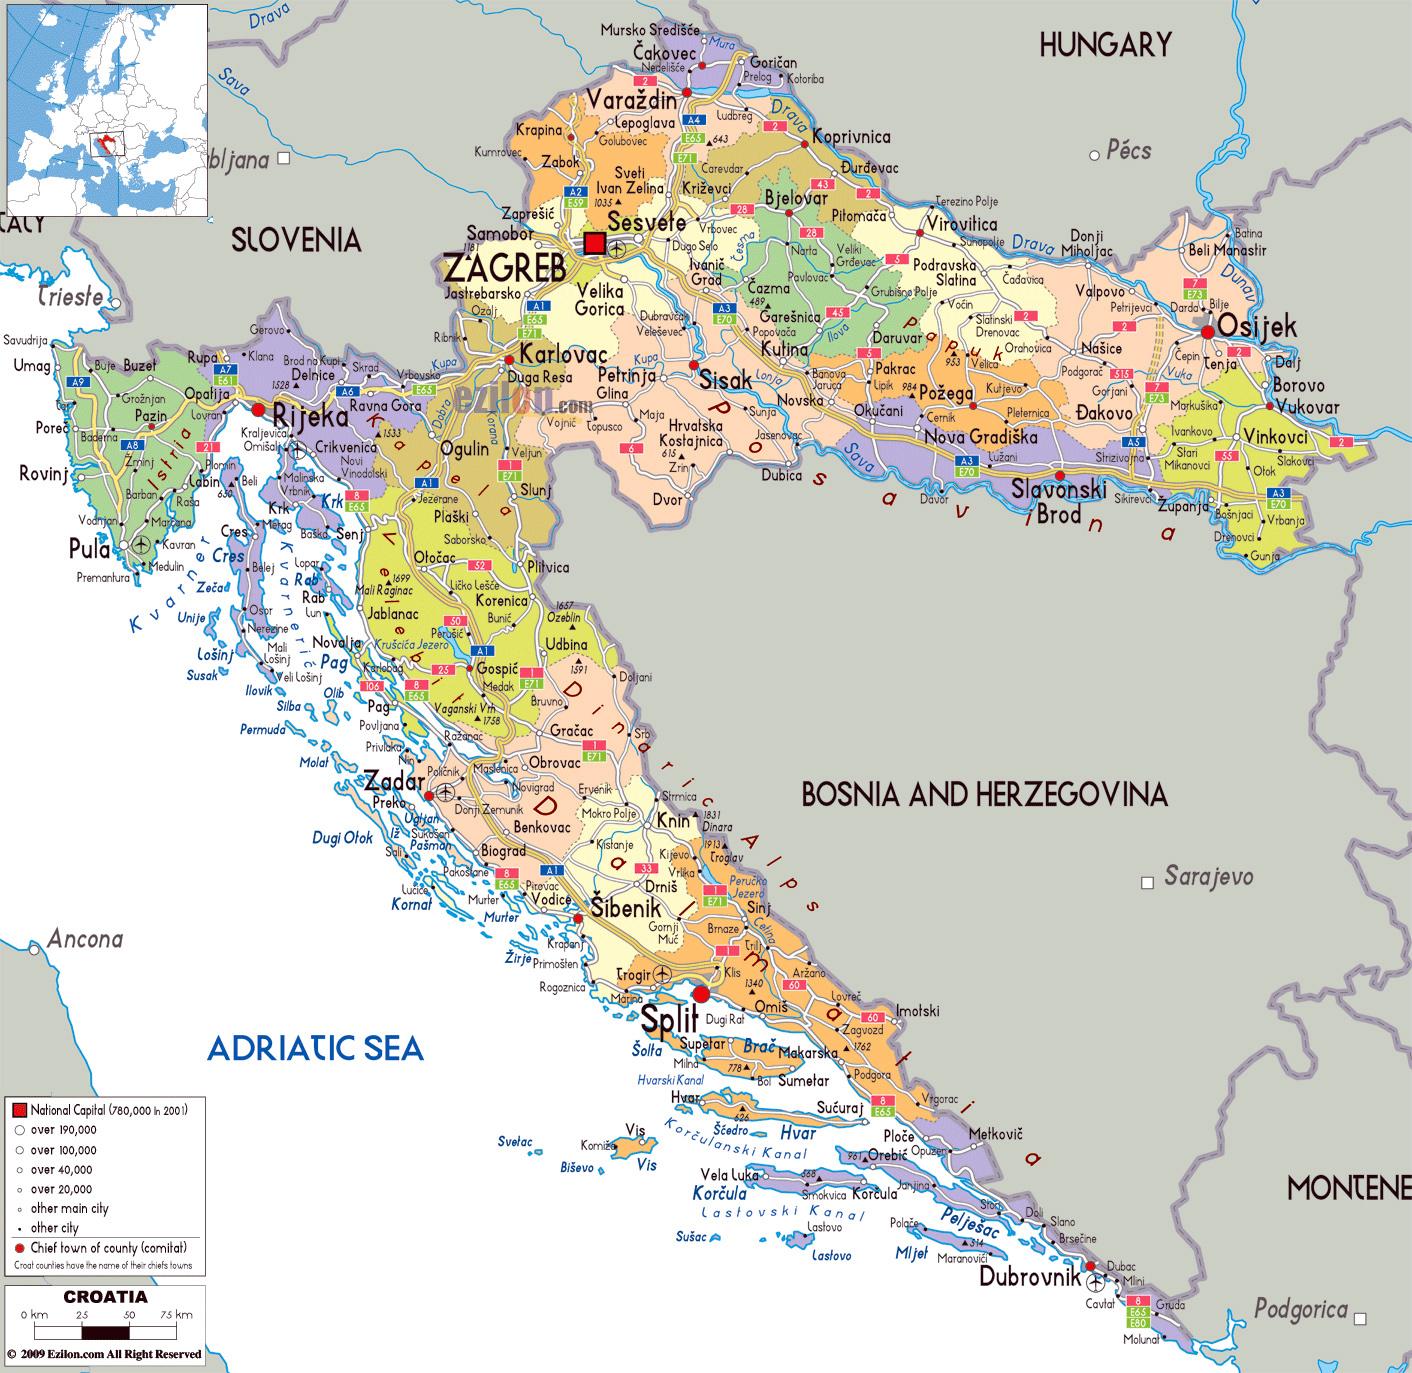 Mapa Politico Y Administrativo Grande De Croacia Con Carreteras